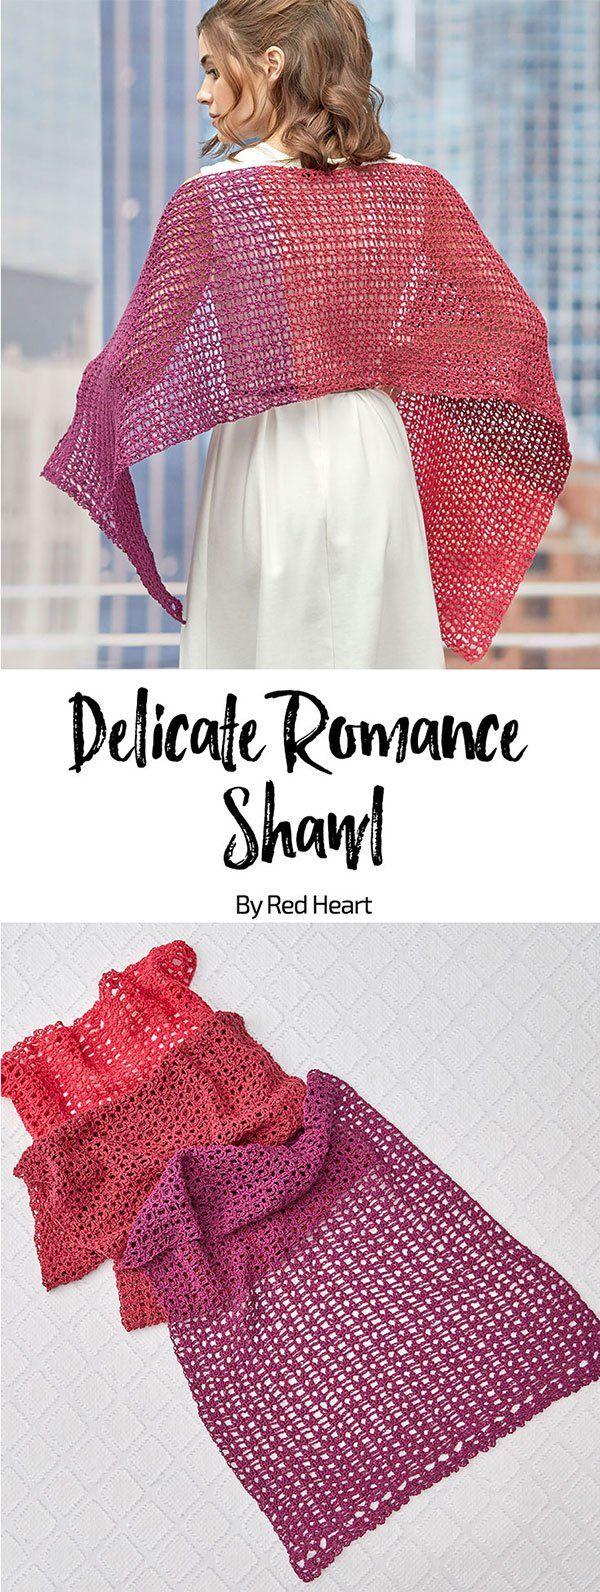 Delicate Romance Shawl free crochet pattern in It\'s a Wrap yarn ...